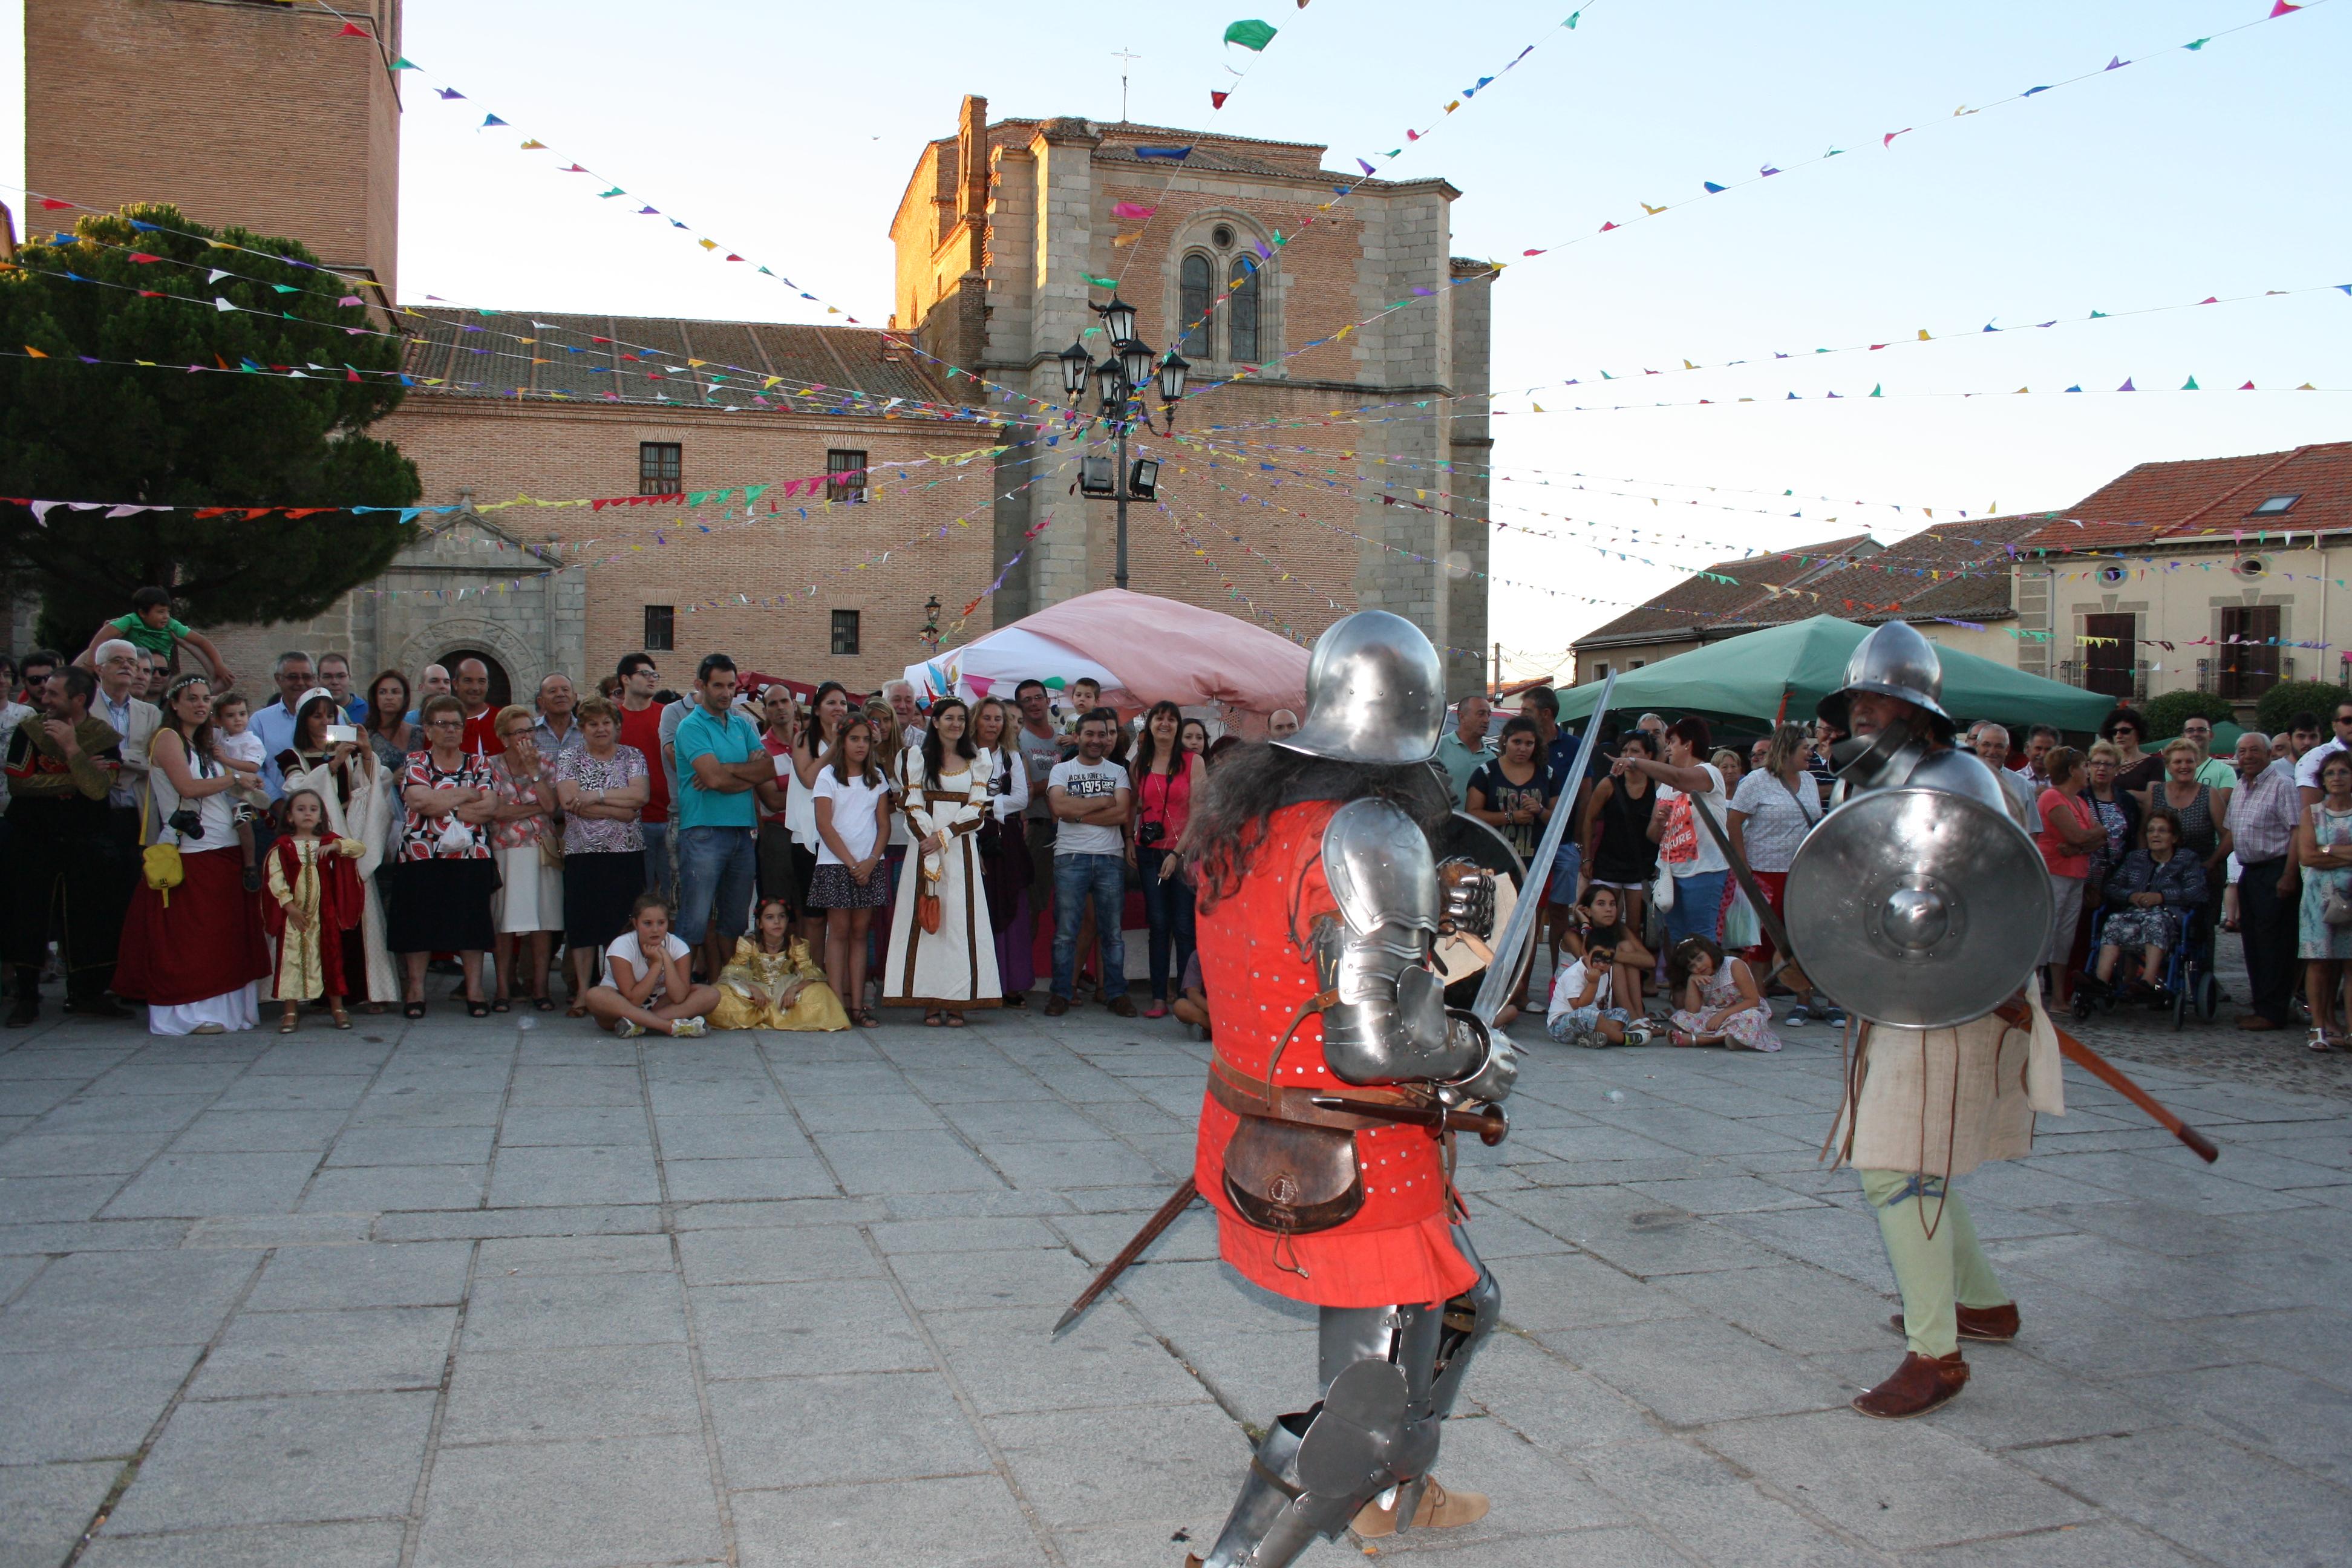 VI Mercado renacentista de Martín Muñoz de las Posadas Kekg3Y